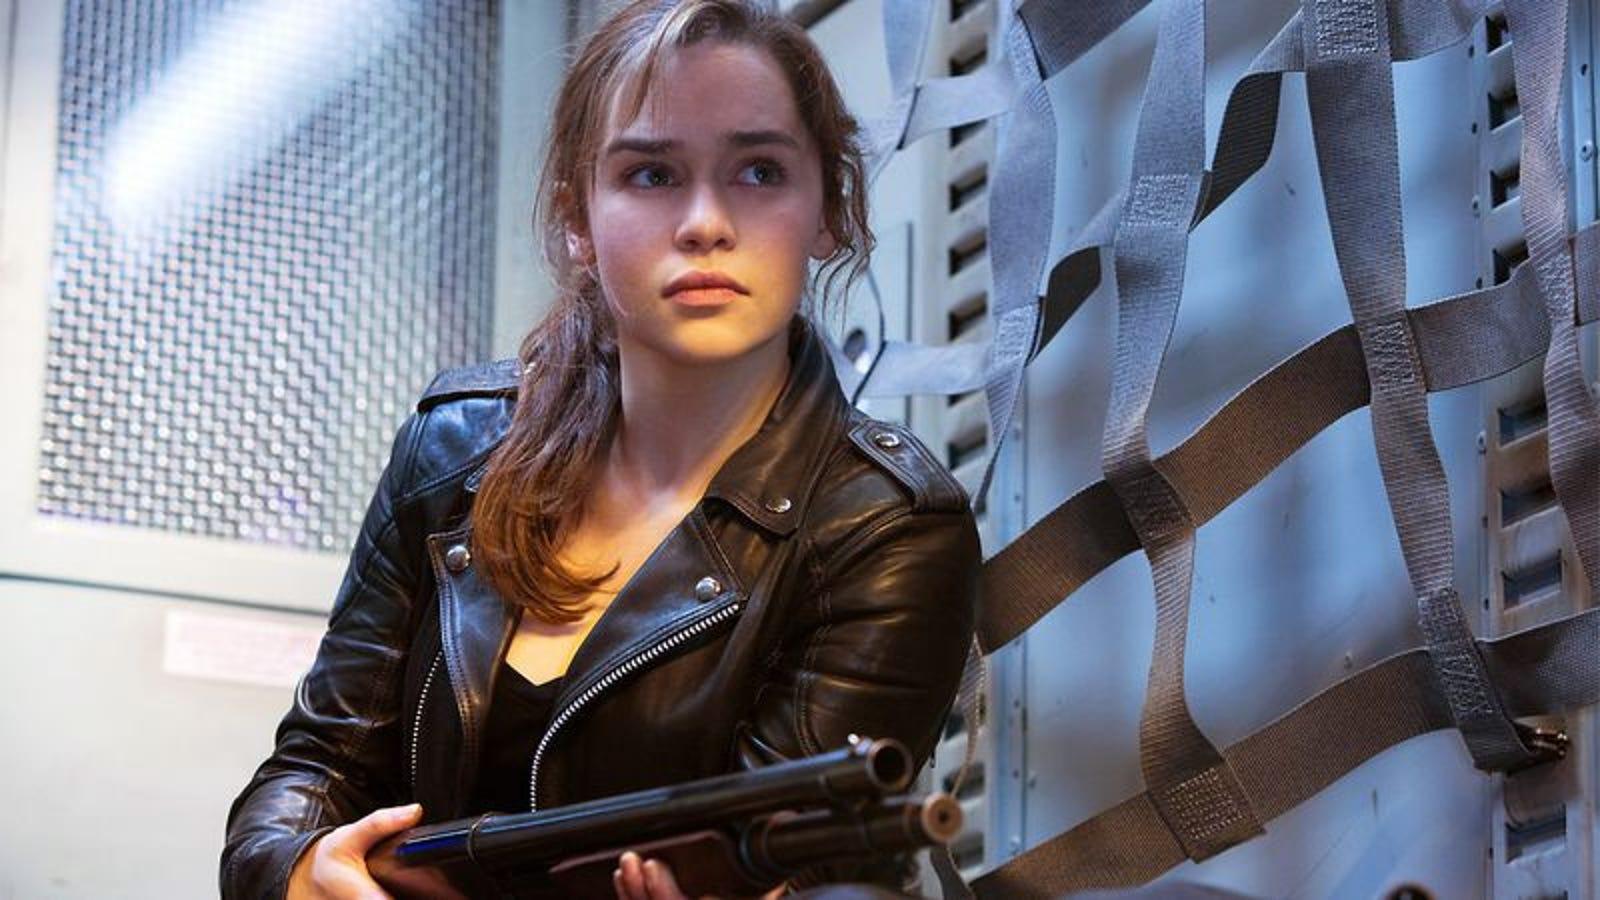 Actress Emilia Clark will play Sarah Connor 12/15/2013 94